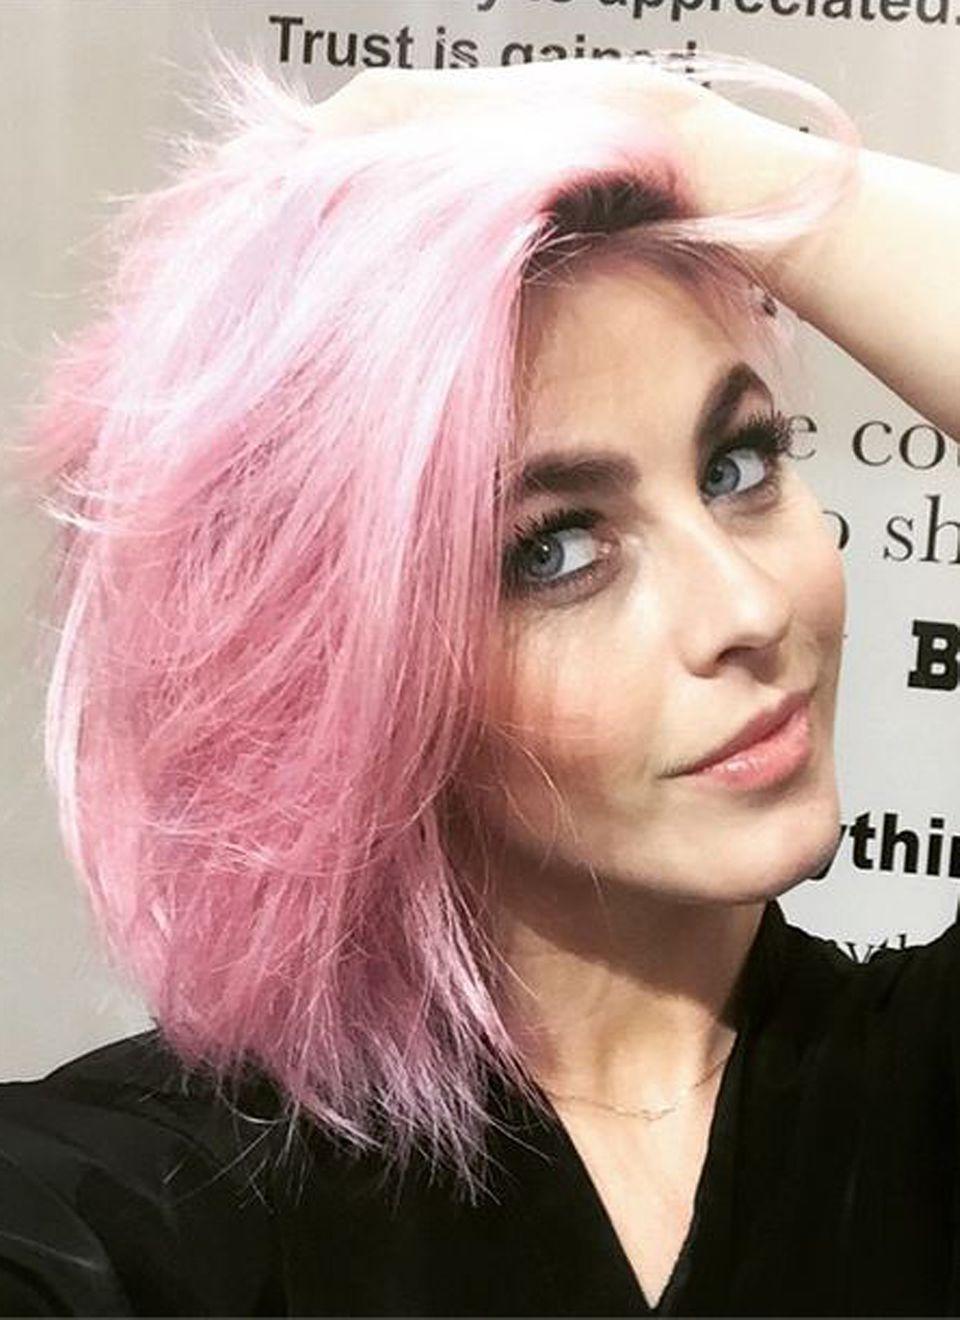 """Die einstige Blondine Julianne Hough hat sich richtig was getraut und ihr Haar Zuckerwattepink gefärbt. Passt zwar noch immer zum """"Everybody's Darling""""-Image der Schauspielerin, ist aber auch ein ganz schöner Hingucker."""